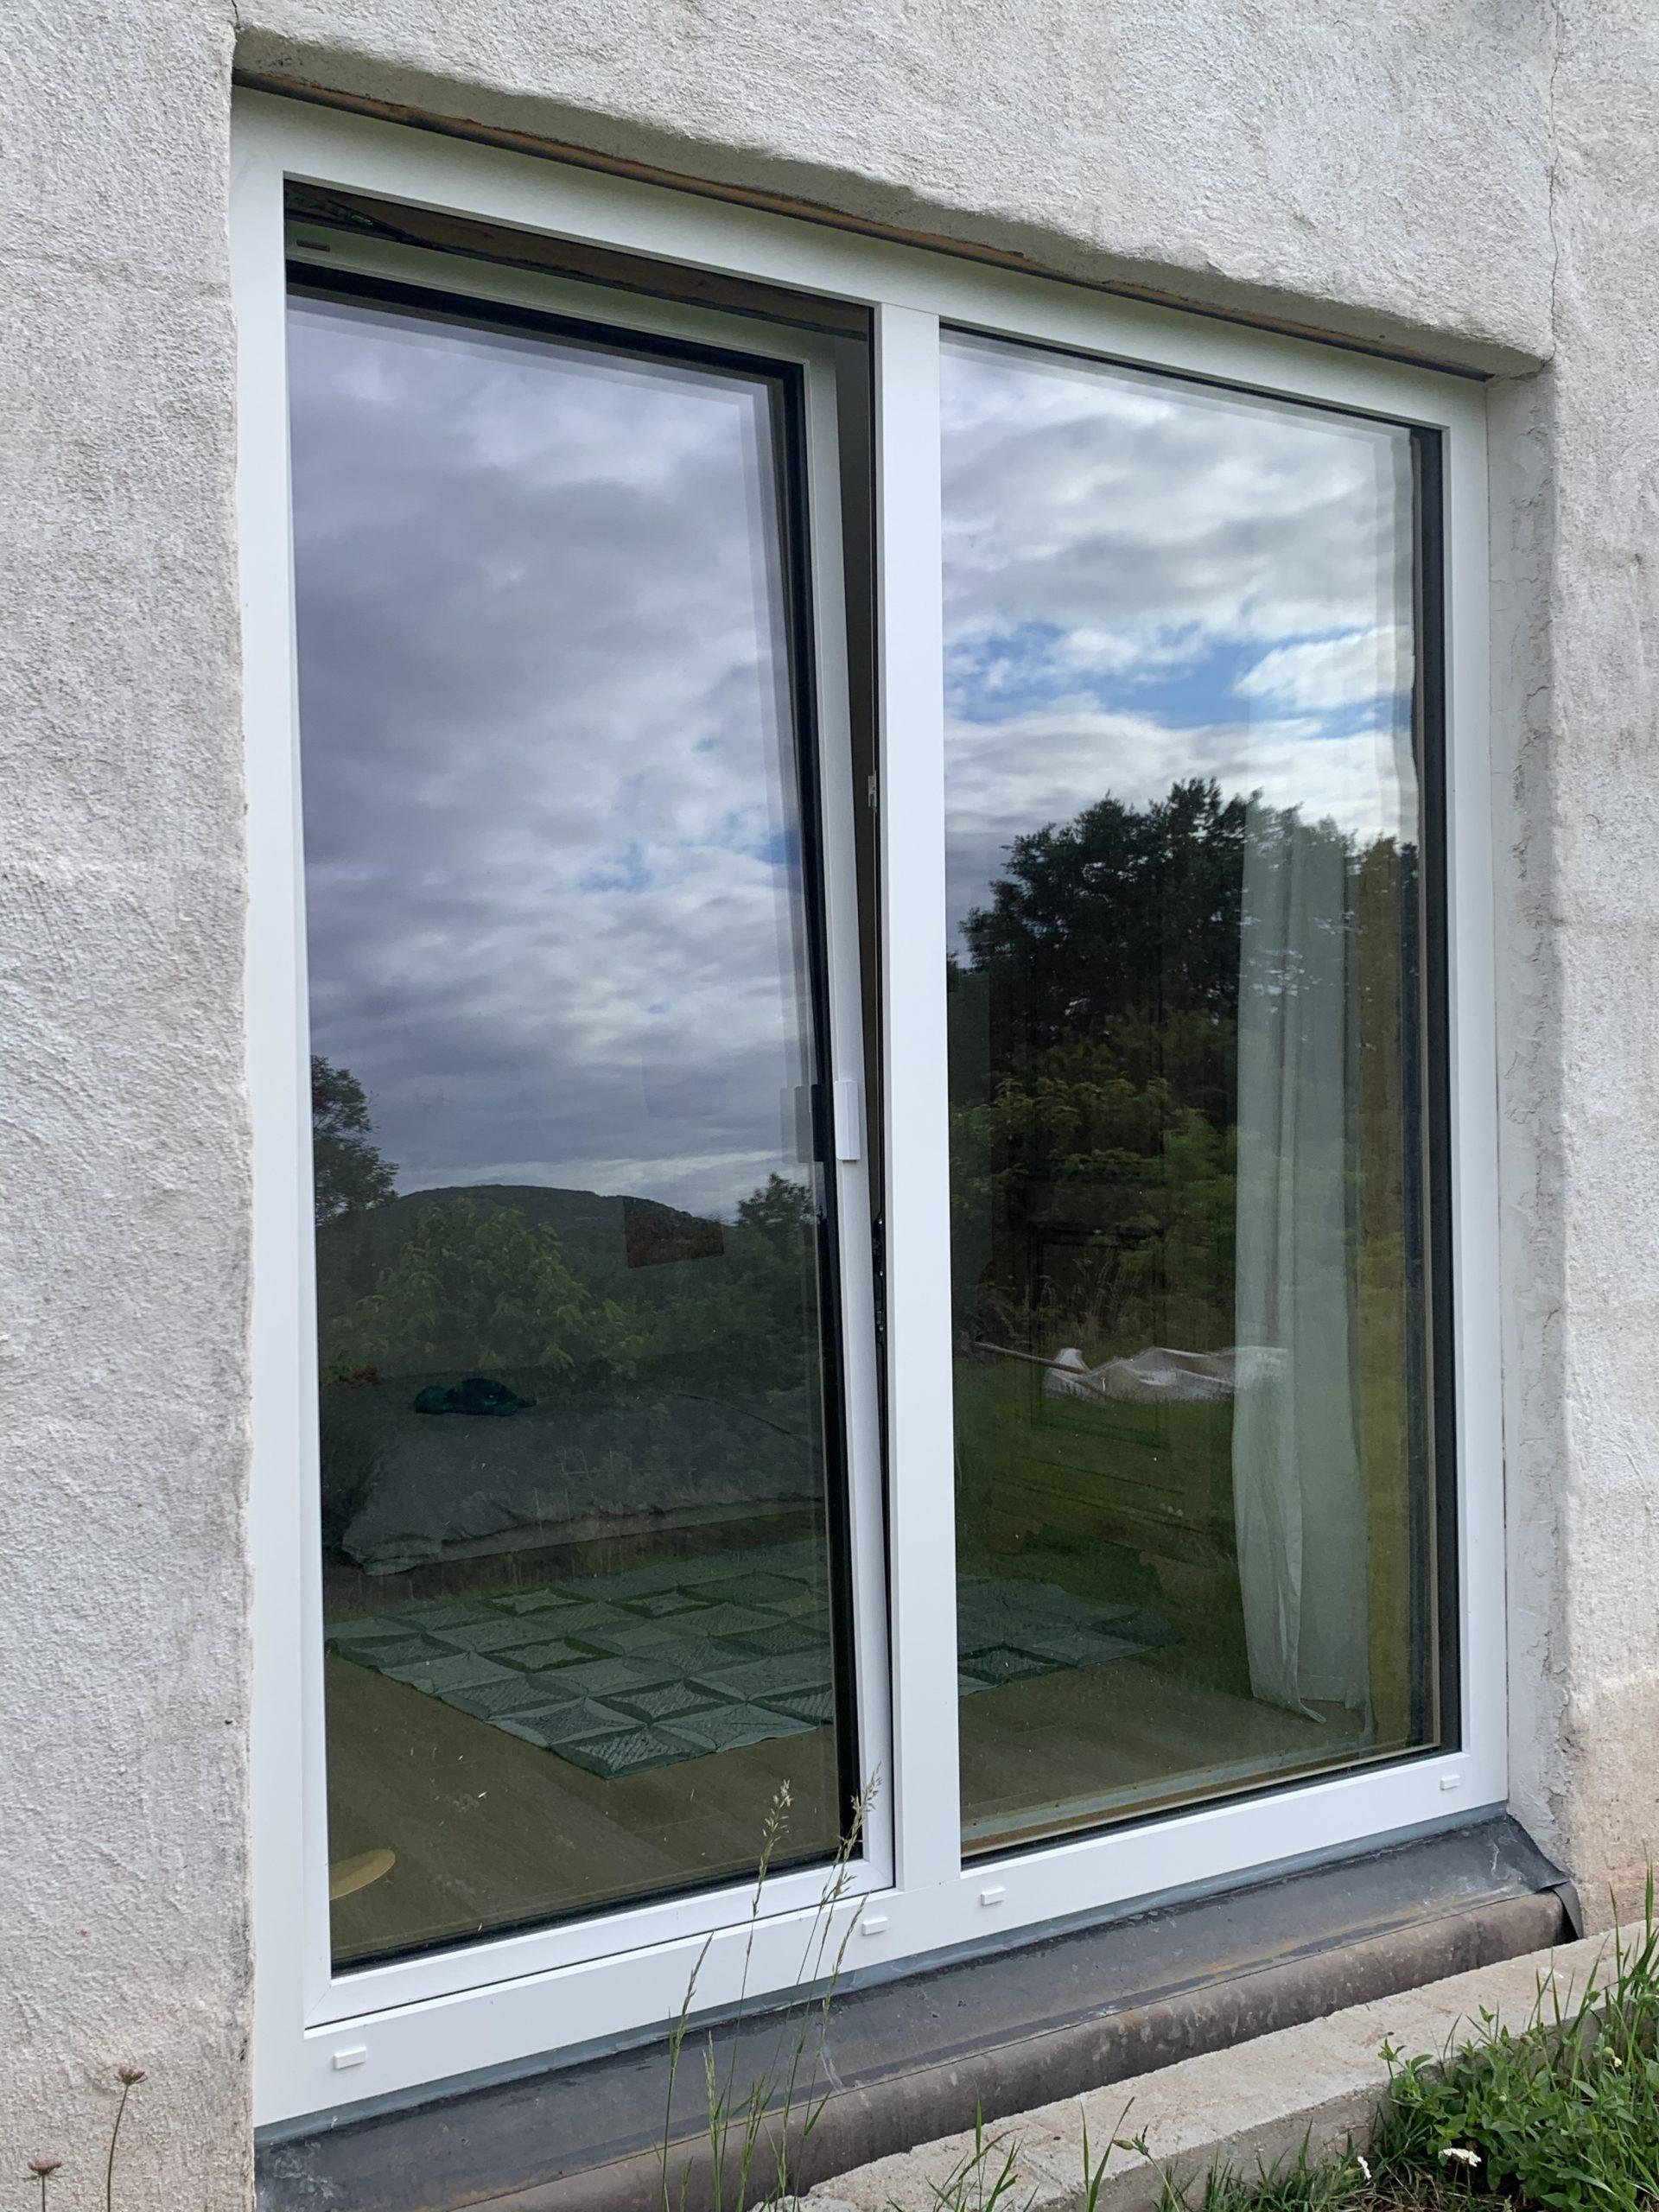 IMG 3963 scaled - Rénovation d'une maison passive